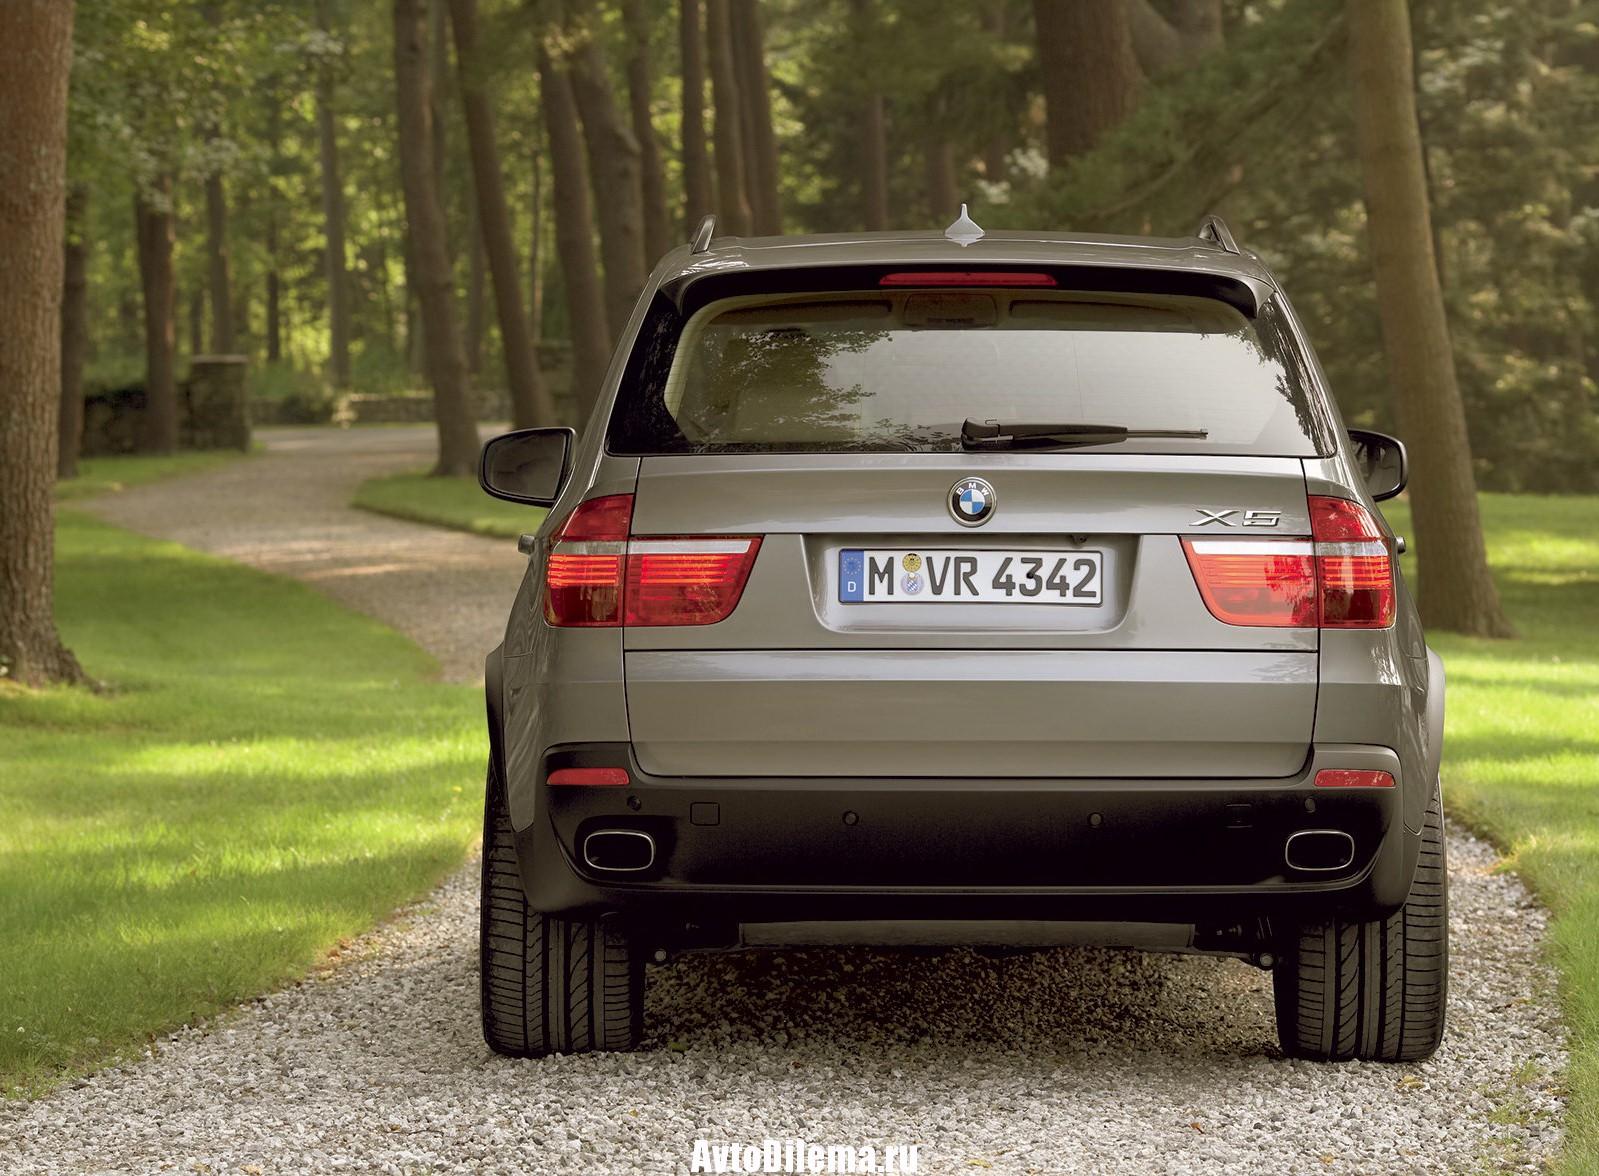 bmw-x5-back